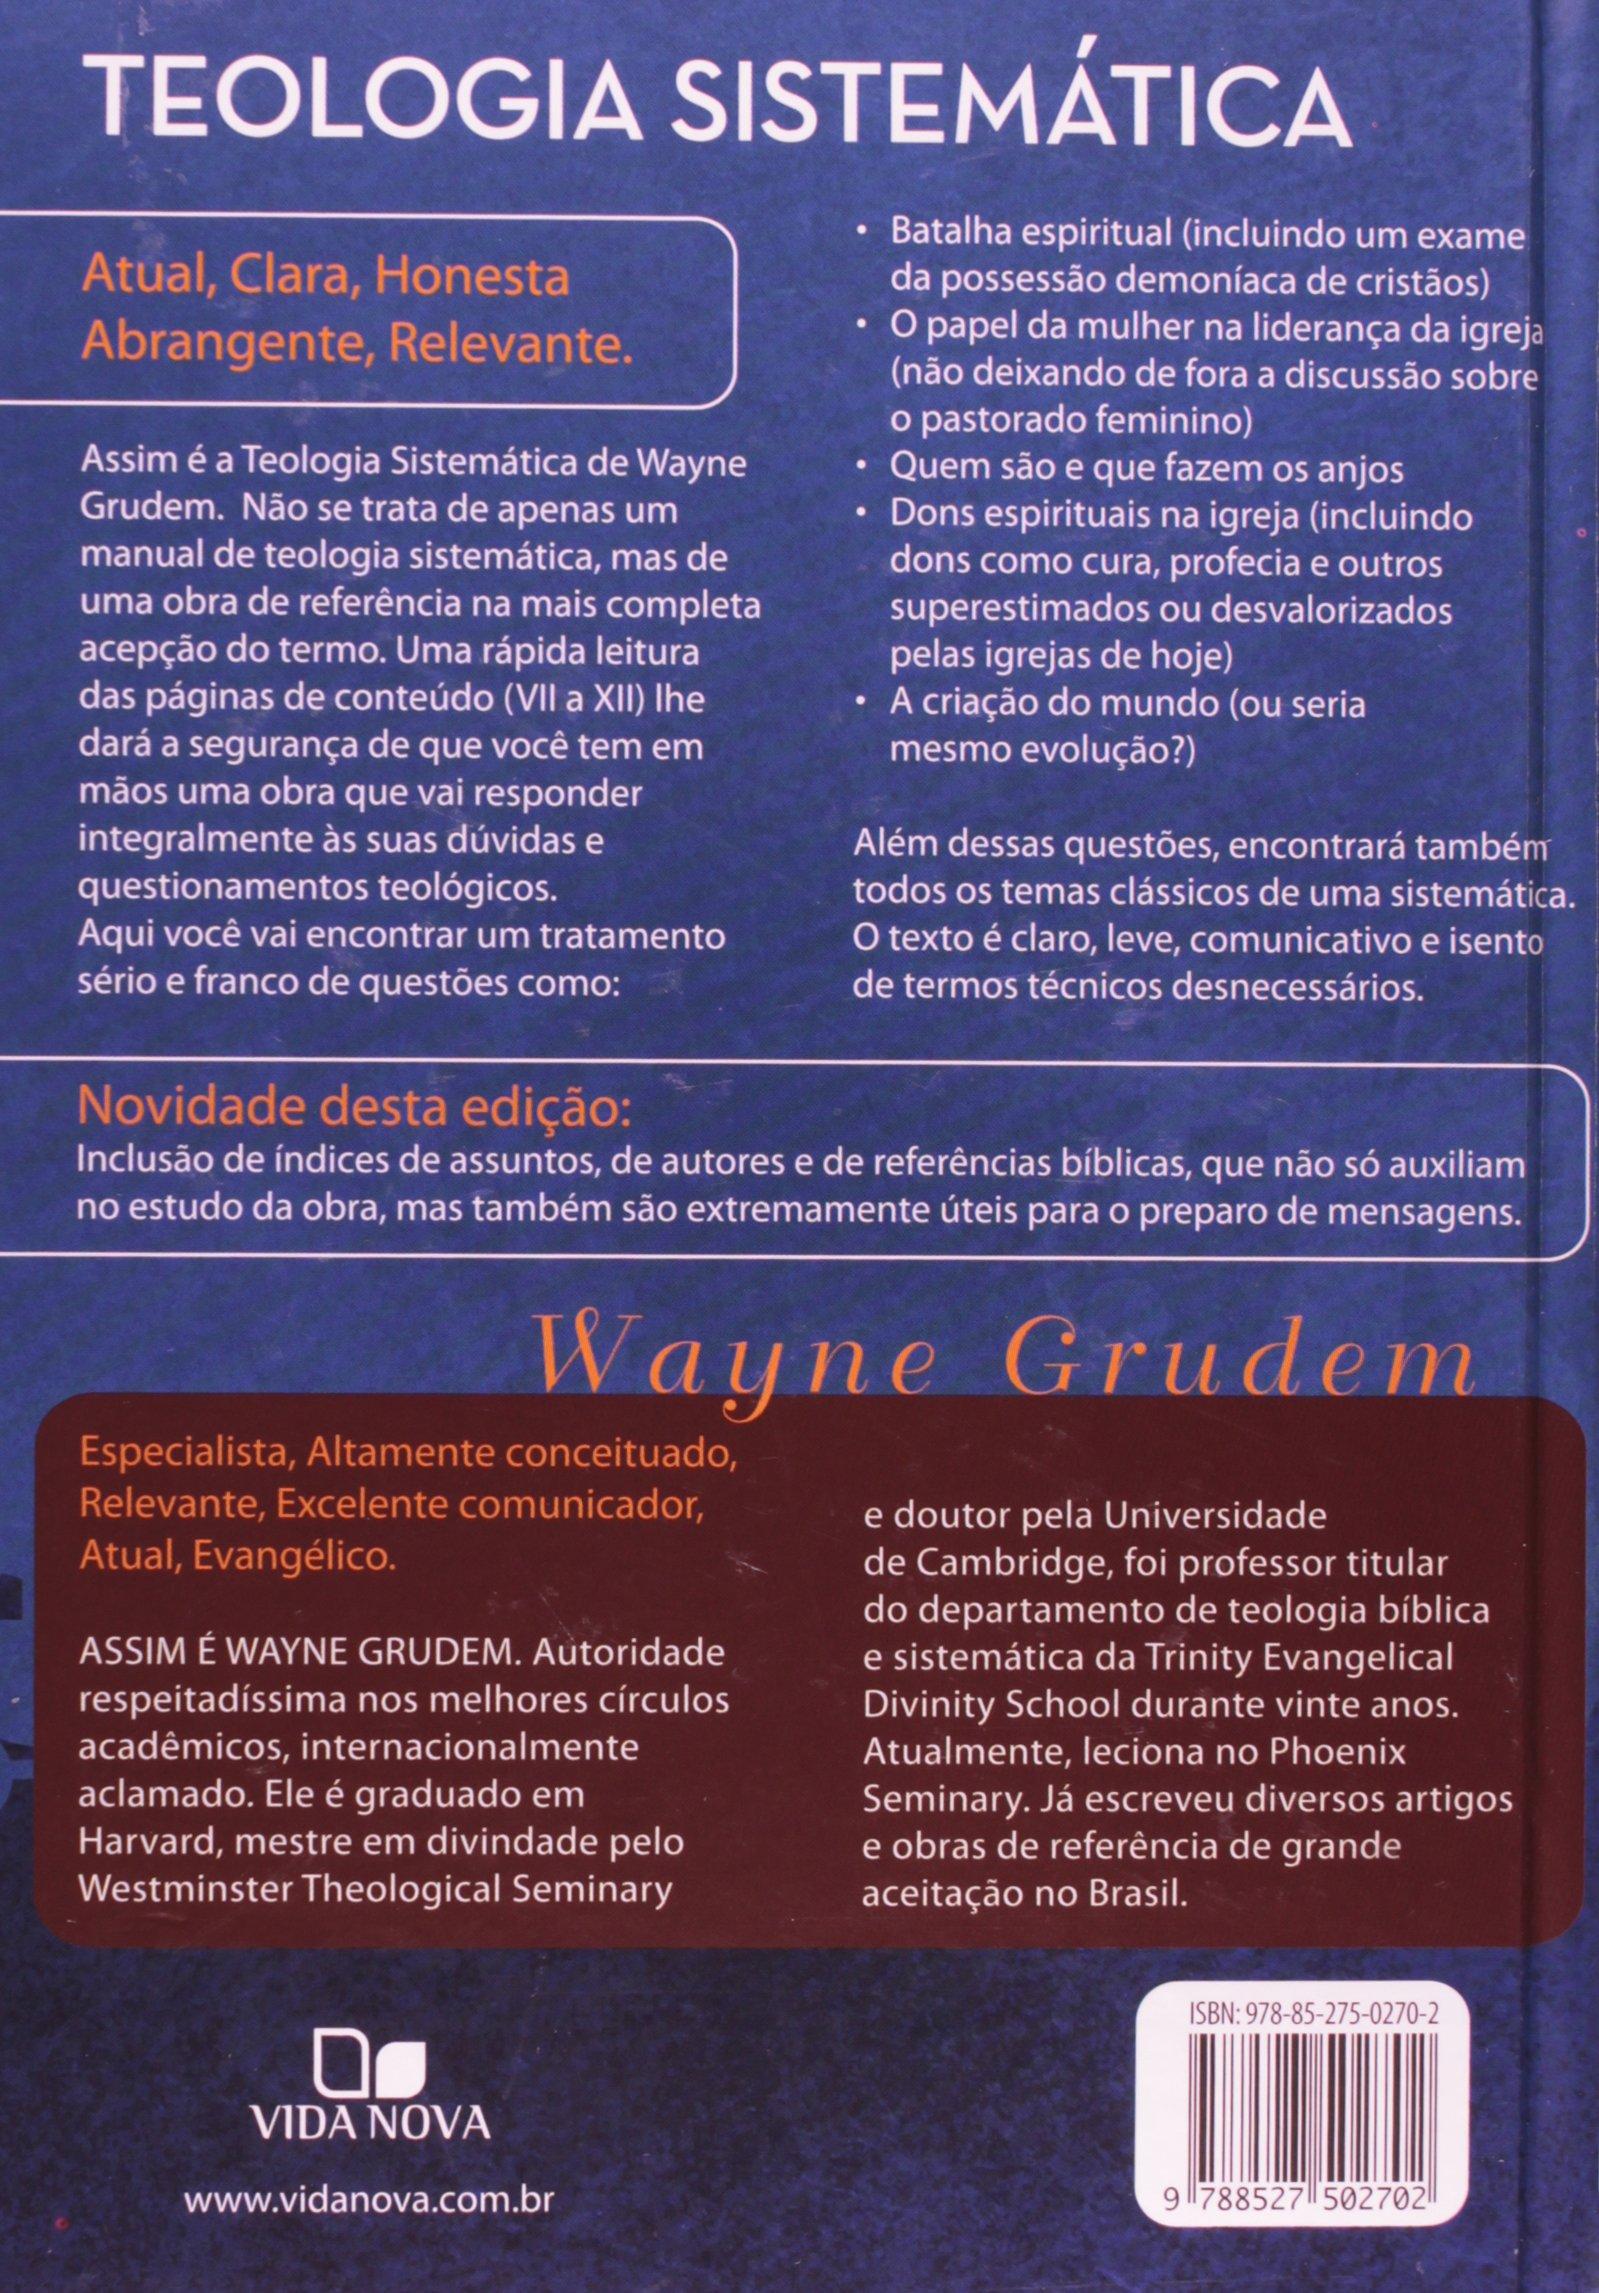 livro de teologia sistematica de wayne grudem